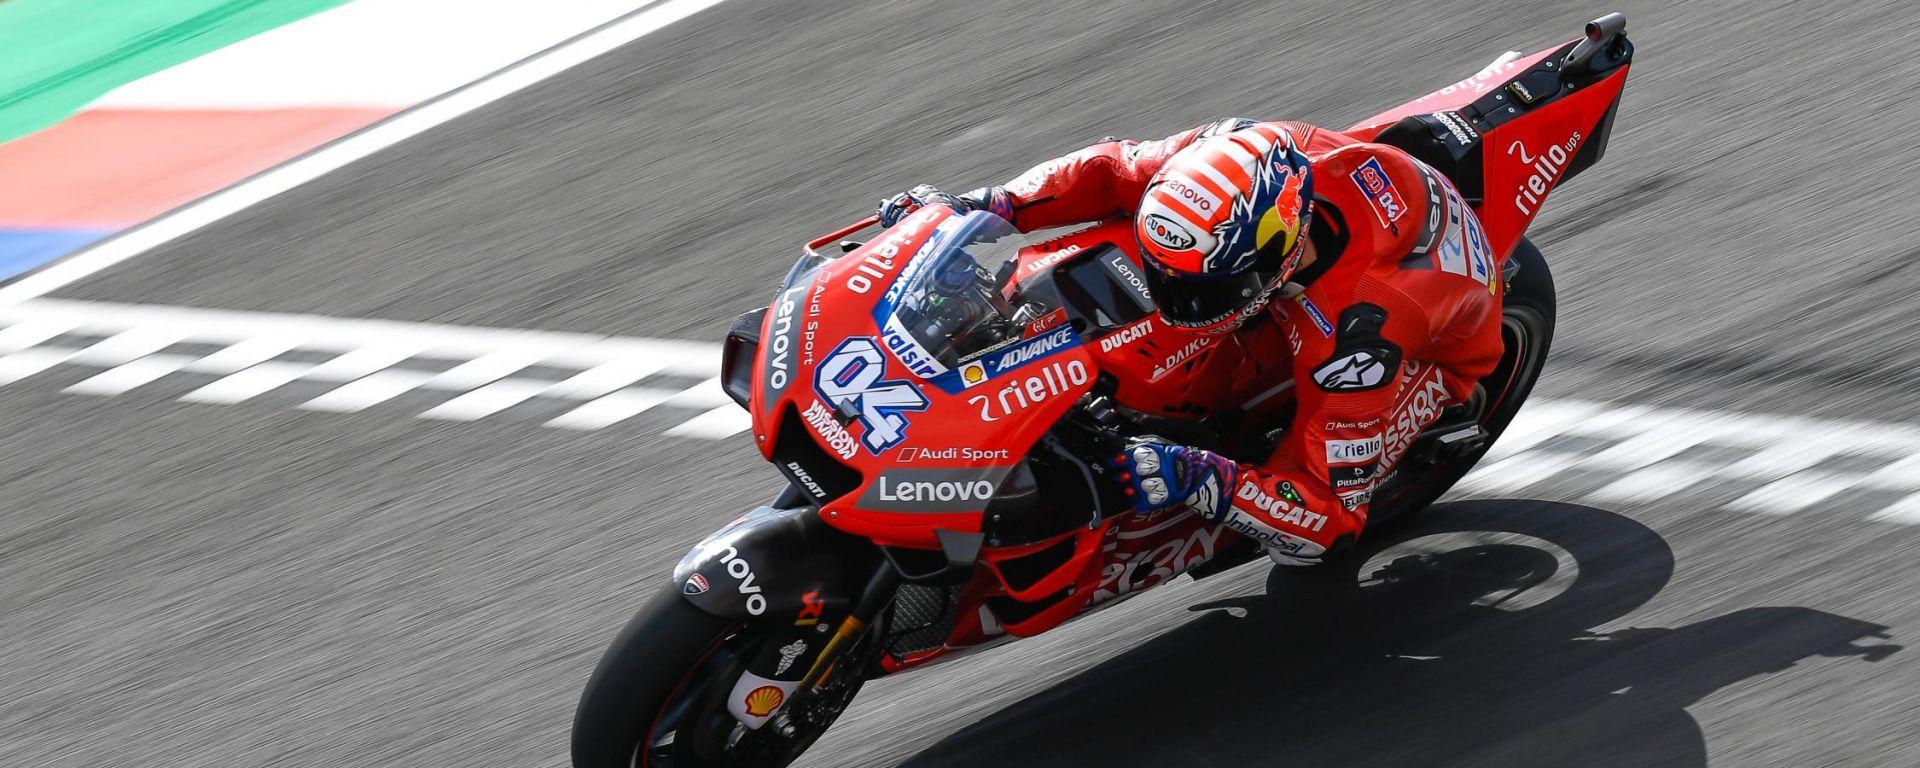 MotoGP Argentina 2019, prove libere: Andrea Dovizioso (Ducati)